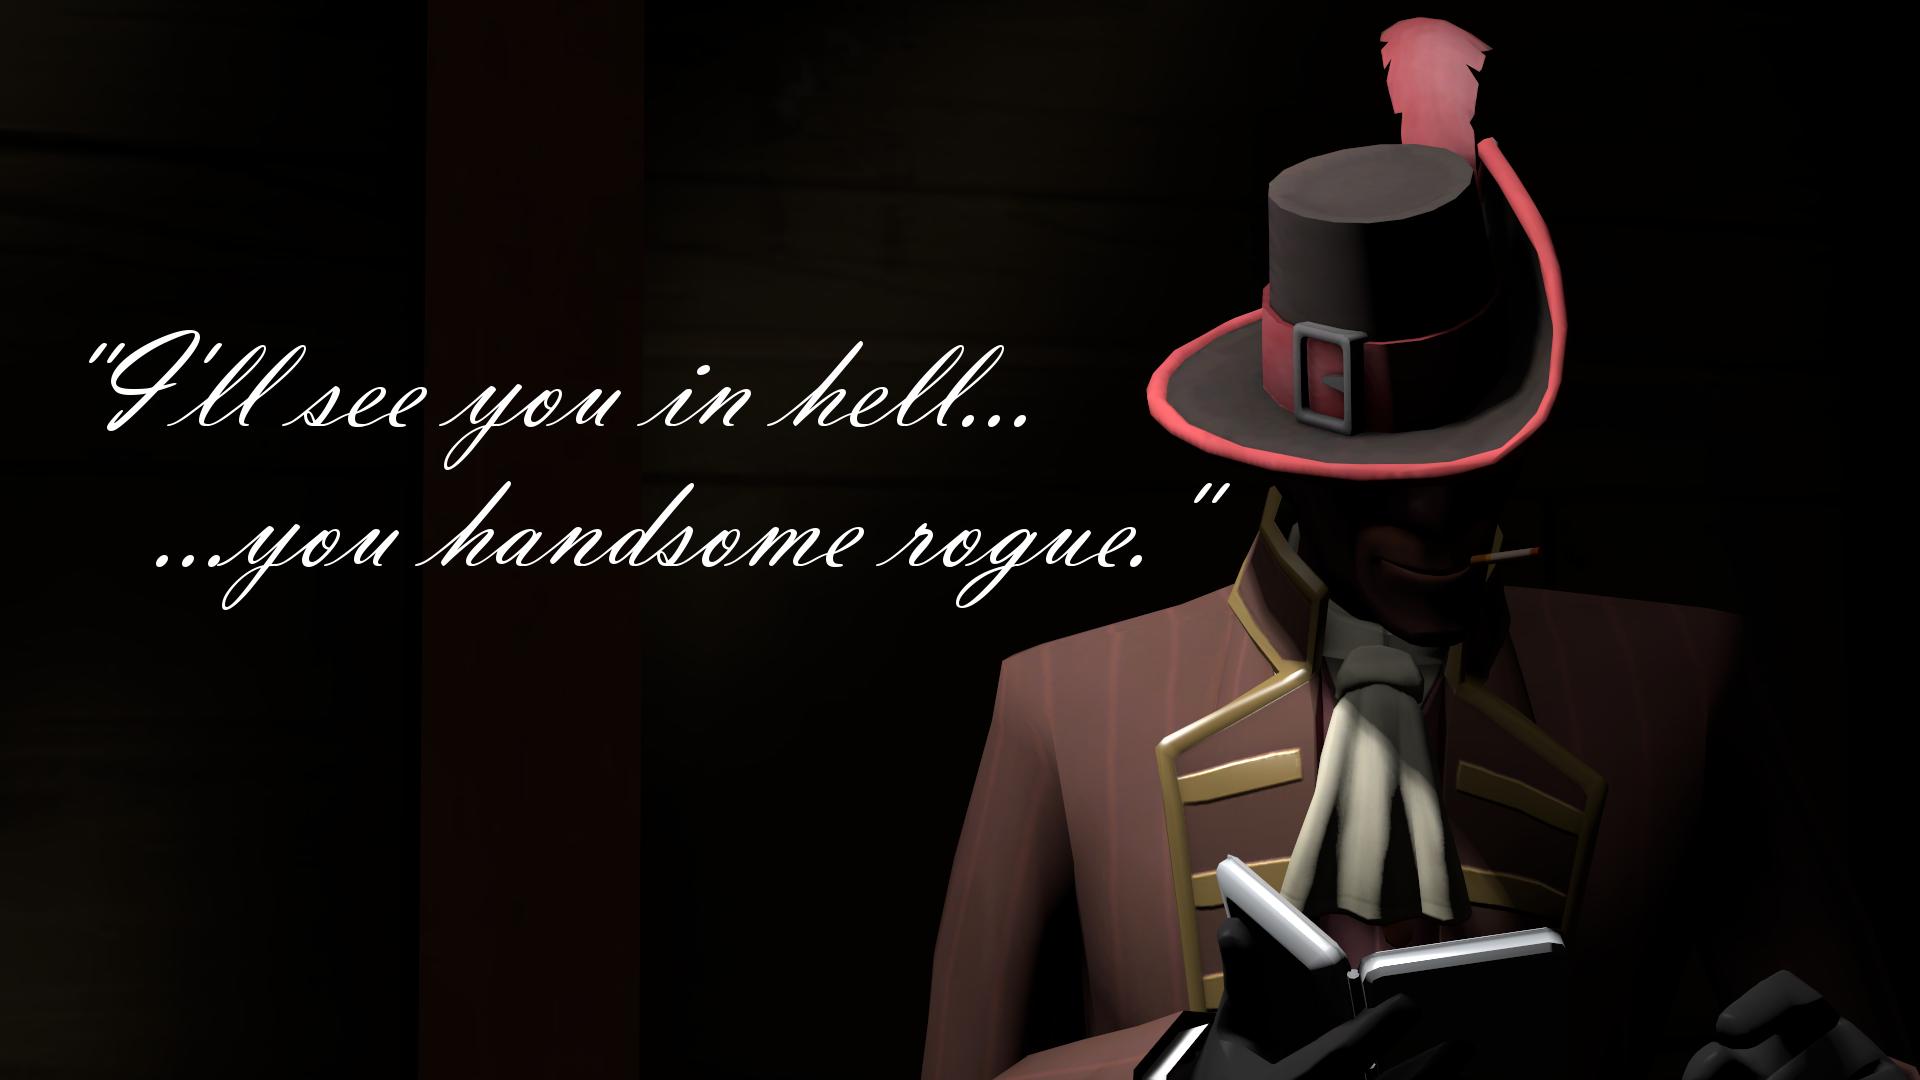 Spy Quote: WallpapersIn4k.net